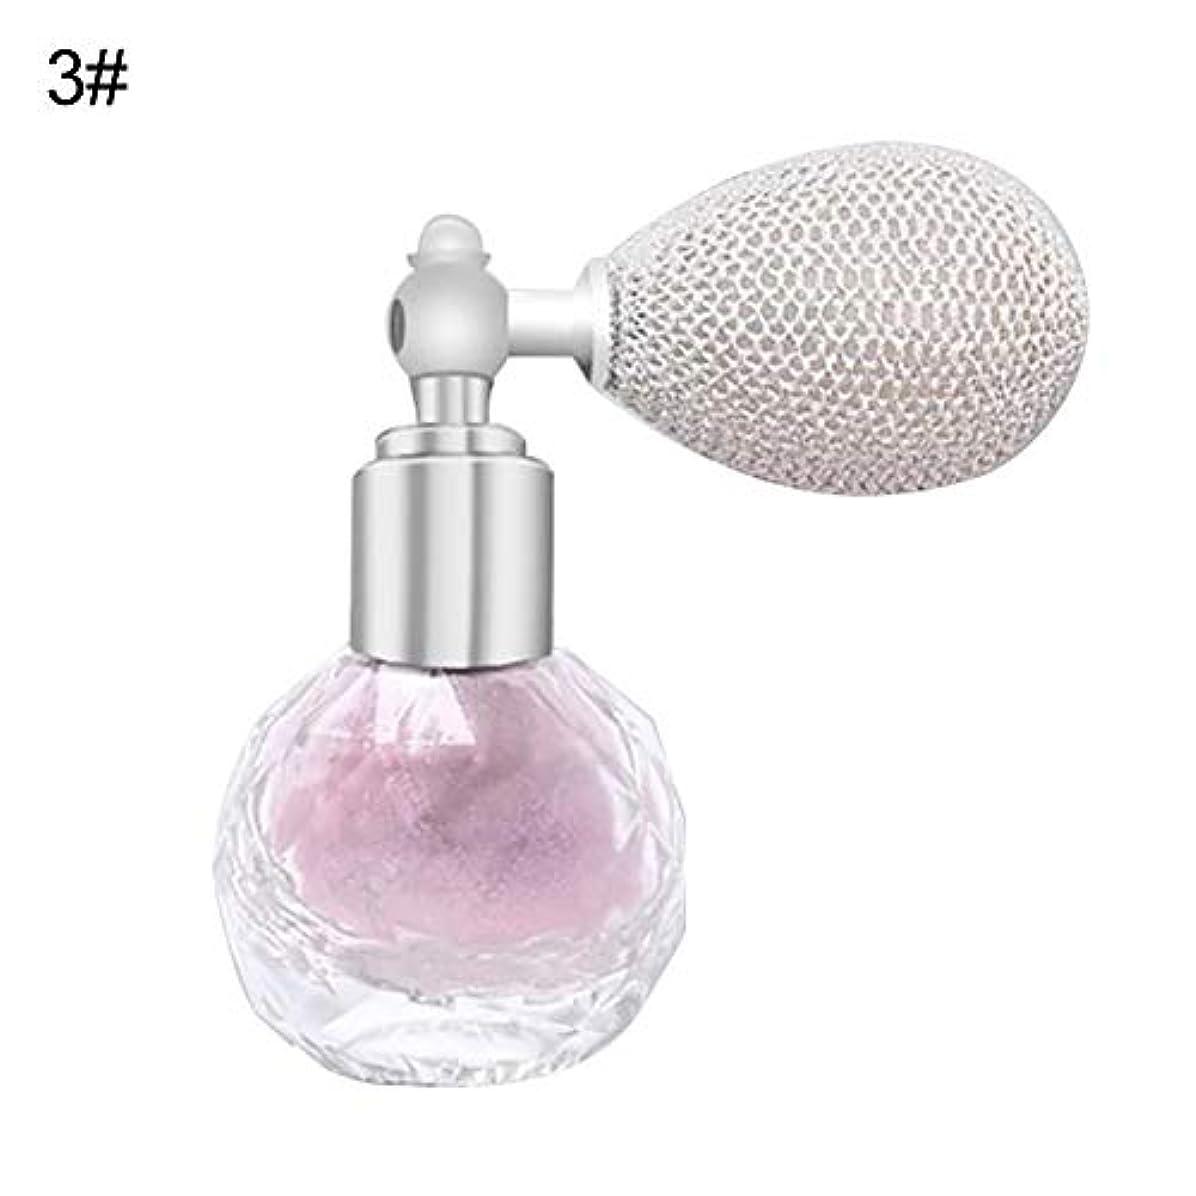 防水犬訴えるFANA女性エアバッグスプレーフレグランスグリッターハイライトパウダー美容化粧品 - 3#